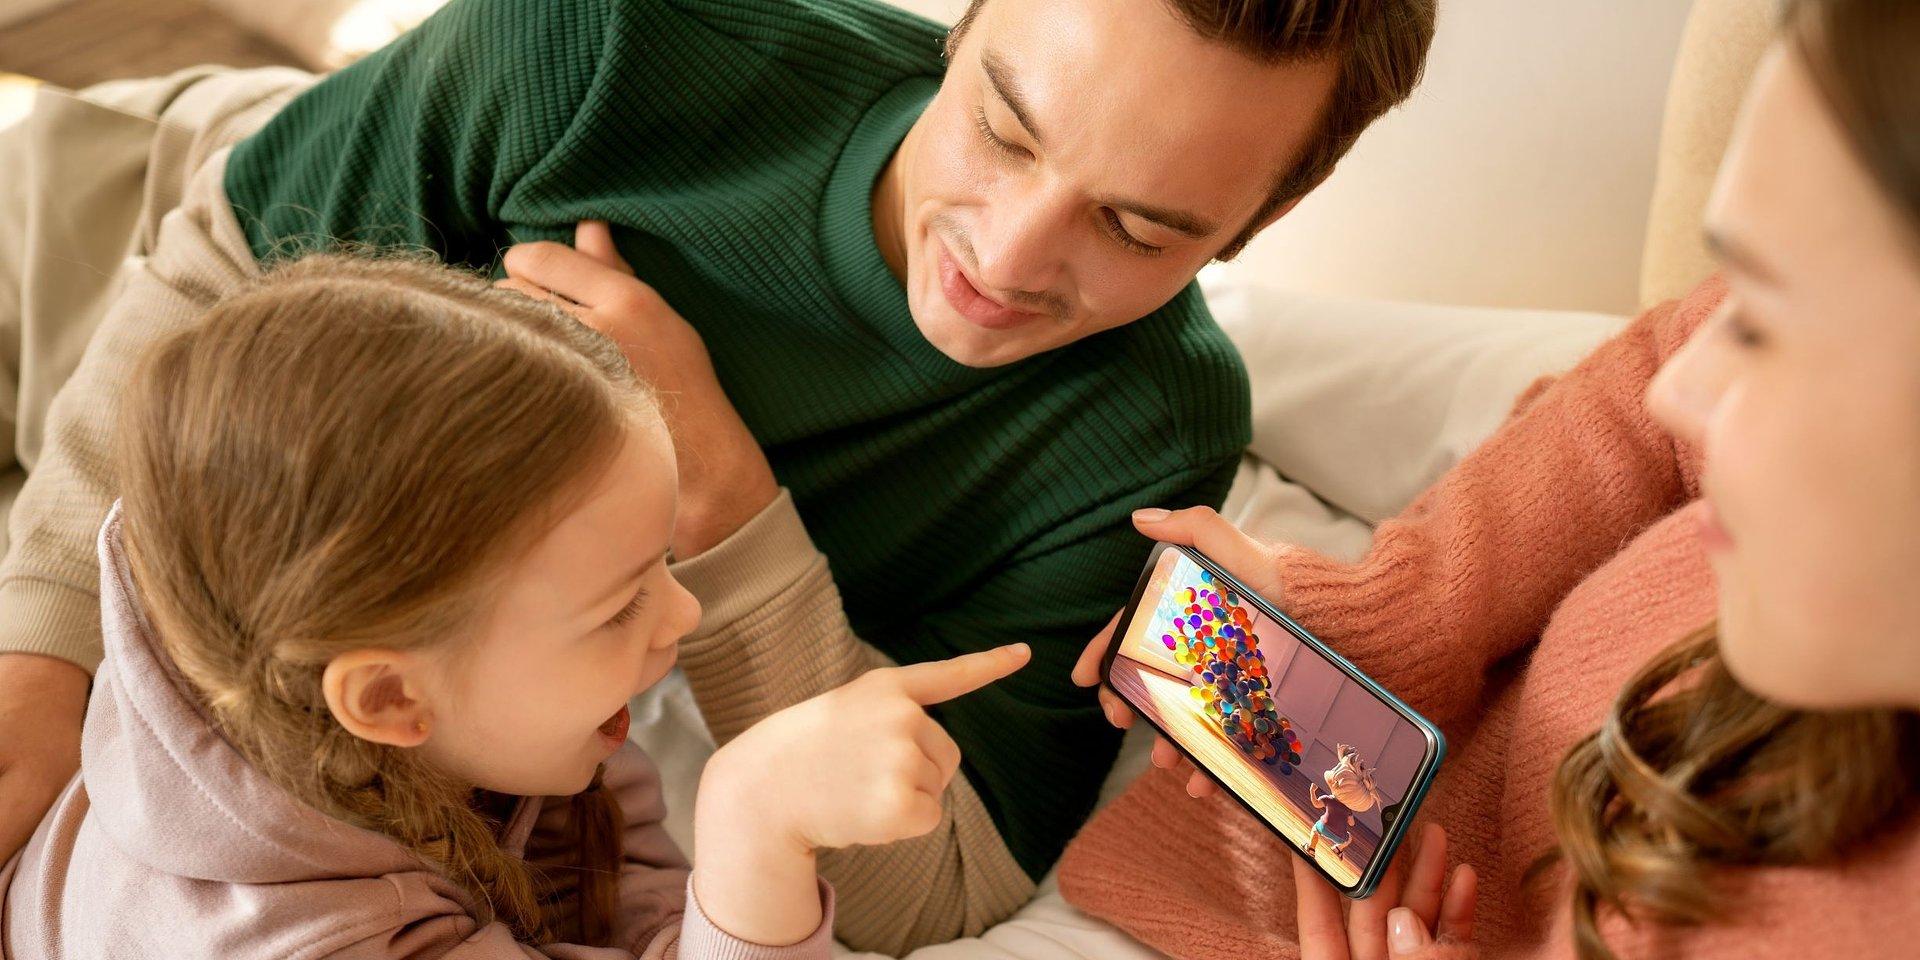 Korzystanie ze smartfona jest dziecinnie proste. Warto zadbać o to, aby było też bezpieczne